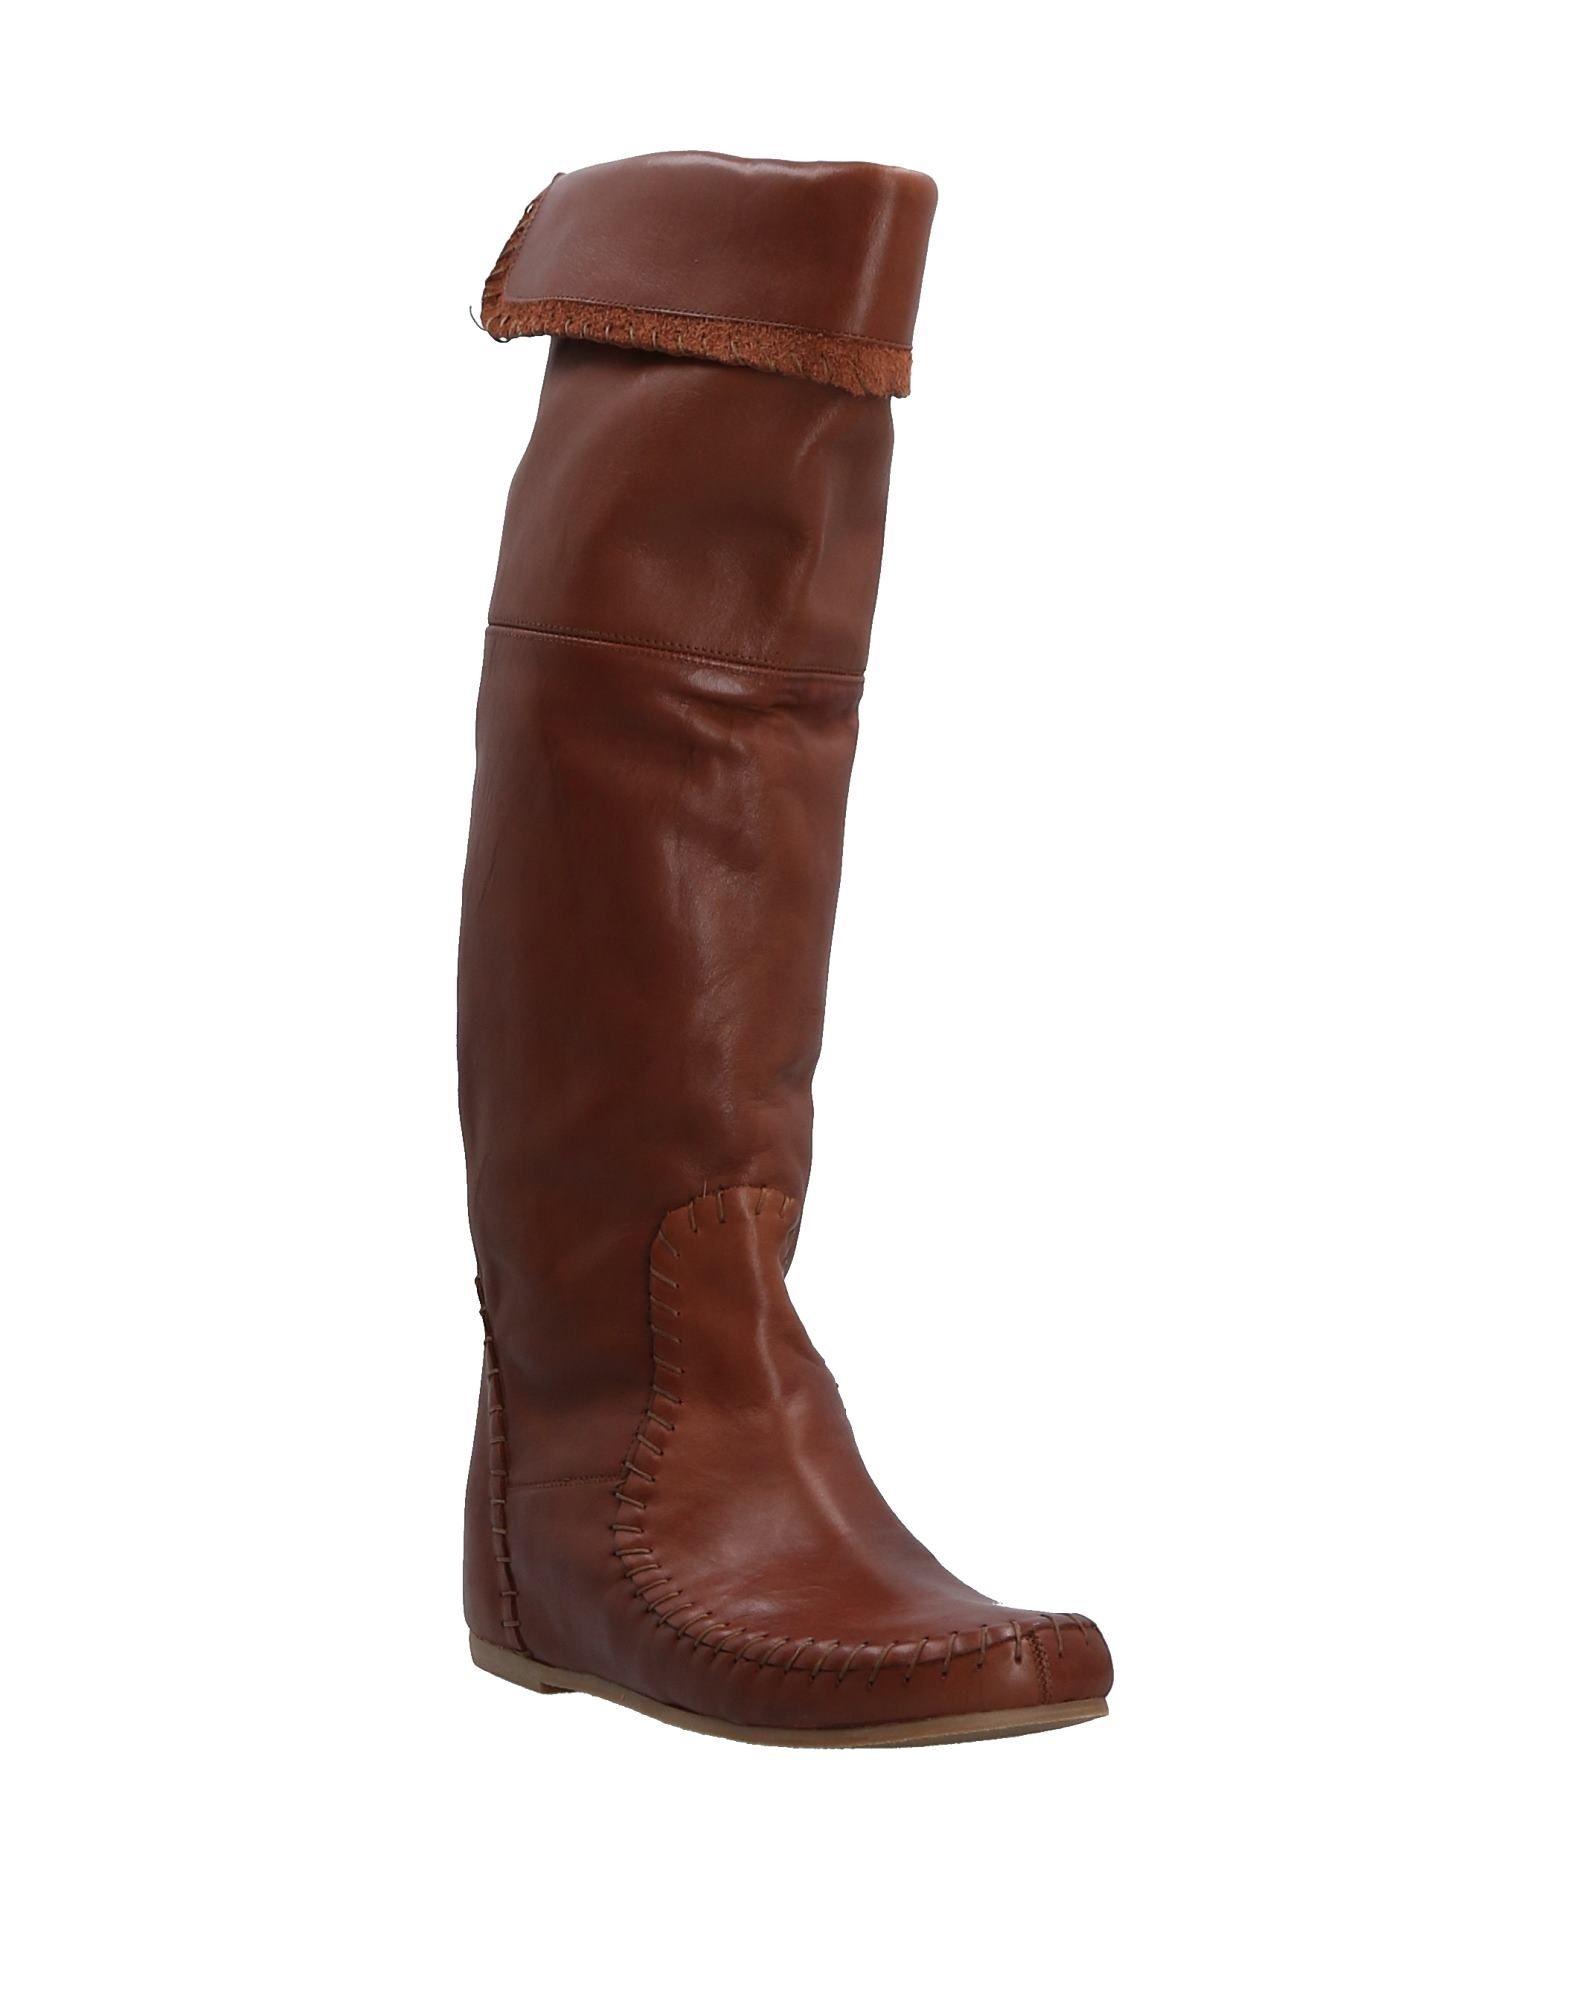 Gut um Stiefel billige Schuhe zu tragenGabrielli Stiefel um Damen  11525051JL 703c13